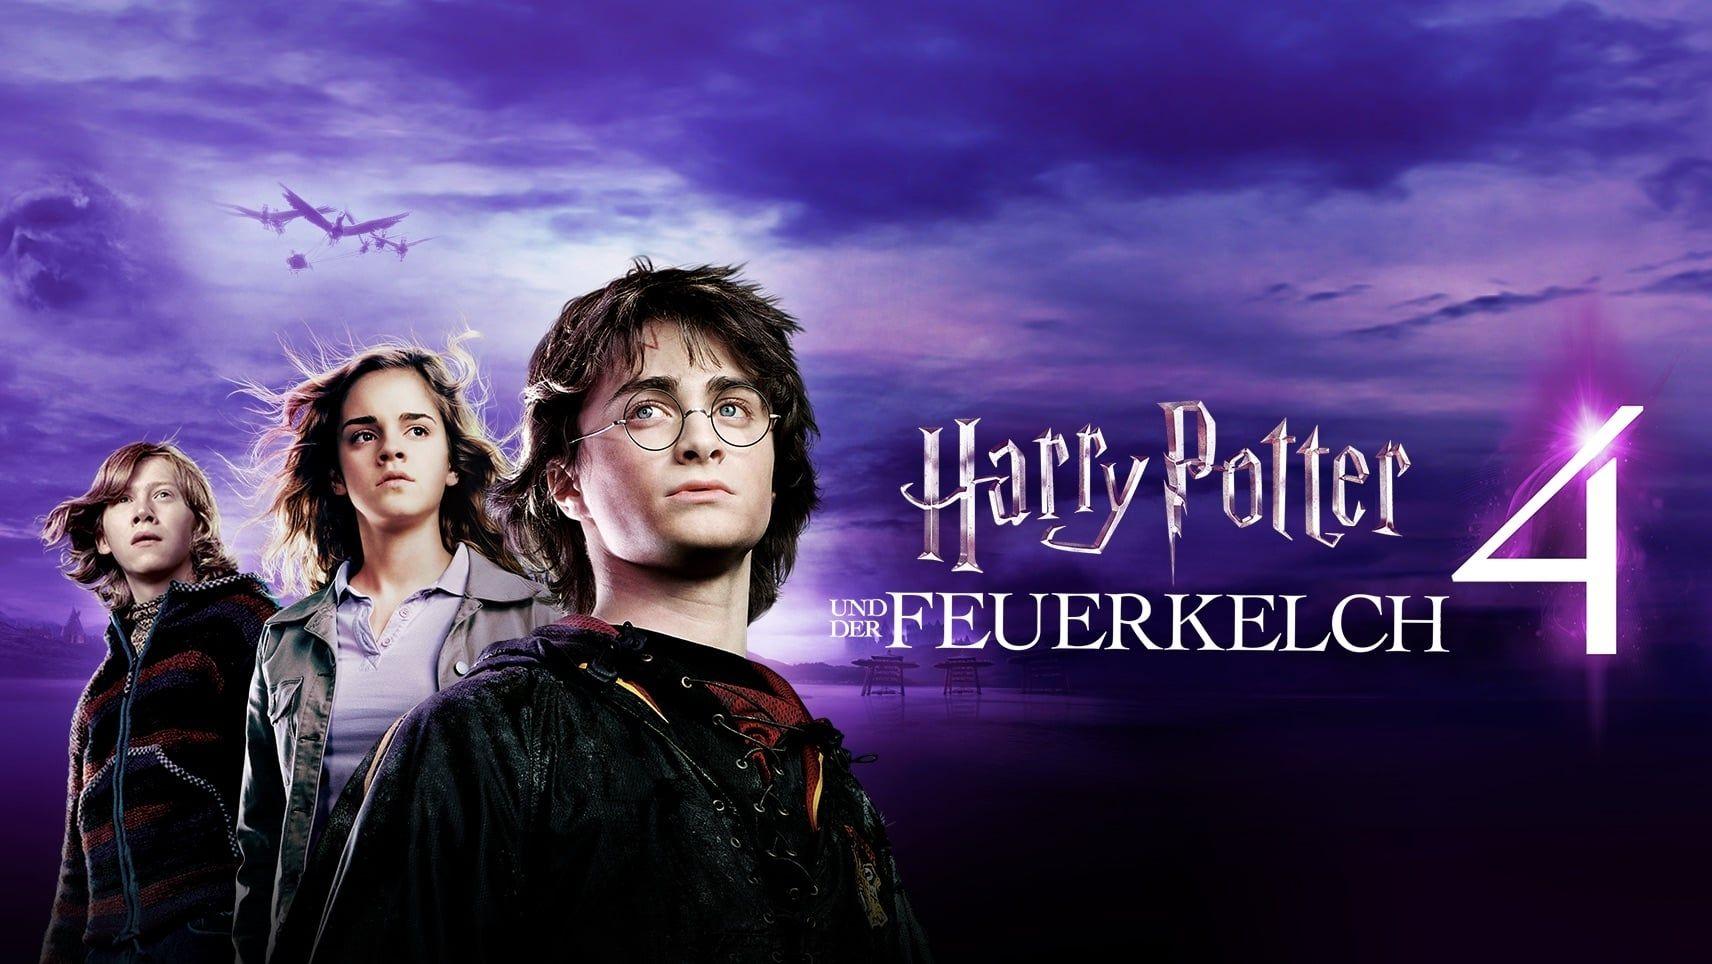 Das Grosse Abenteuer Beginnt Als Der Feuerkelch Harry Potters Namen Freigibt Und Harry Damit Teil Free Movies Online Full Movies Online Free Full Movies Online